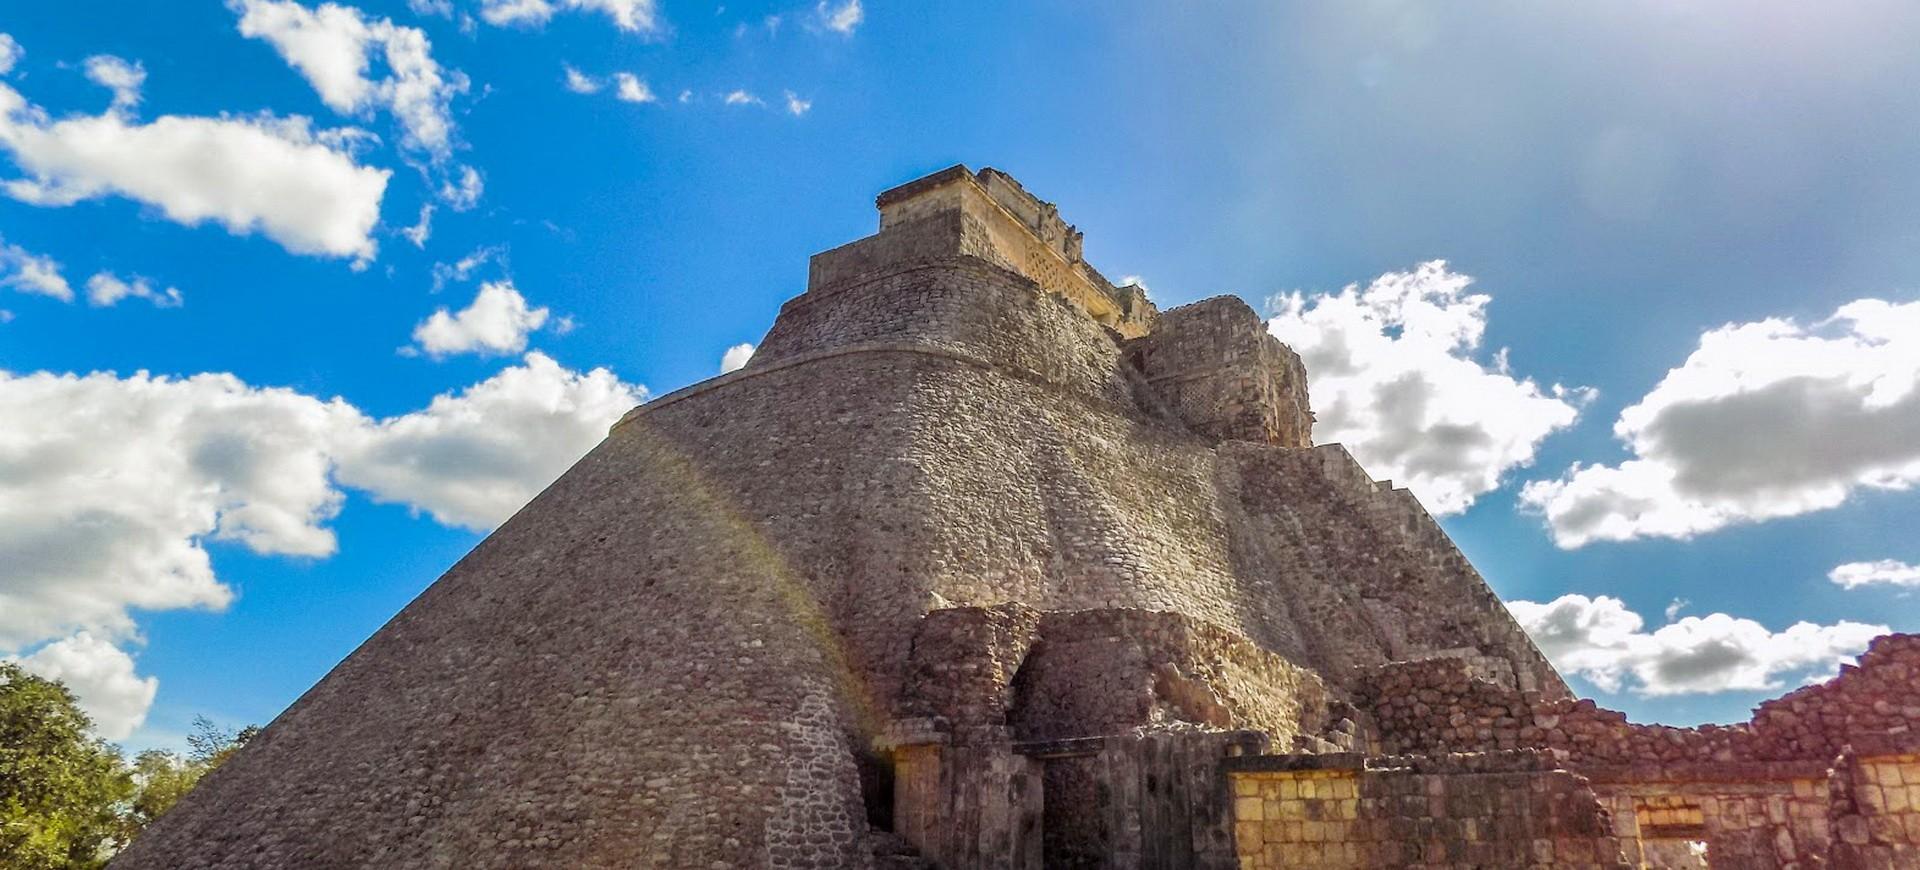 Mexique Uxmal site archéologique